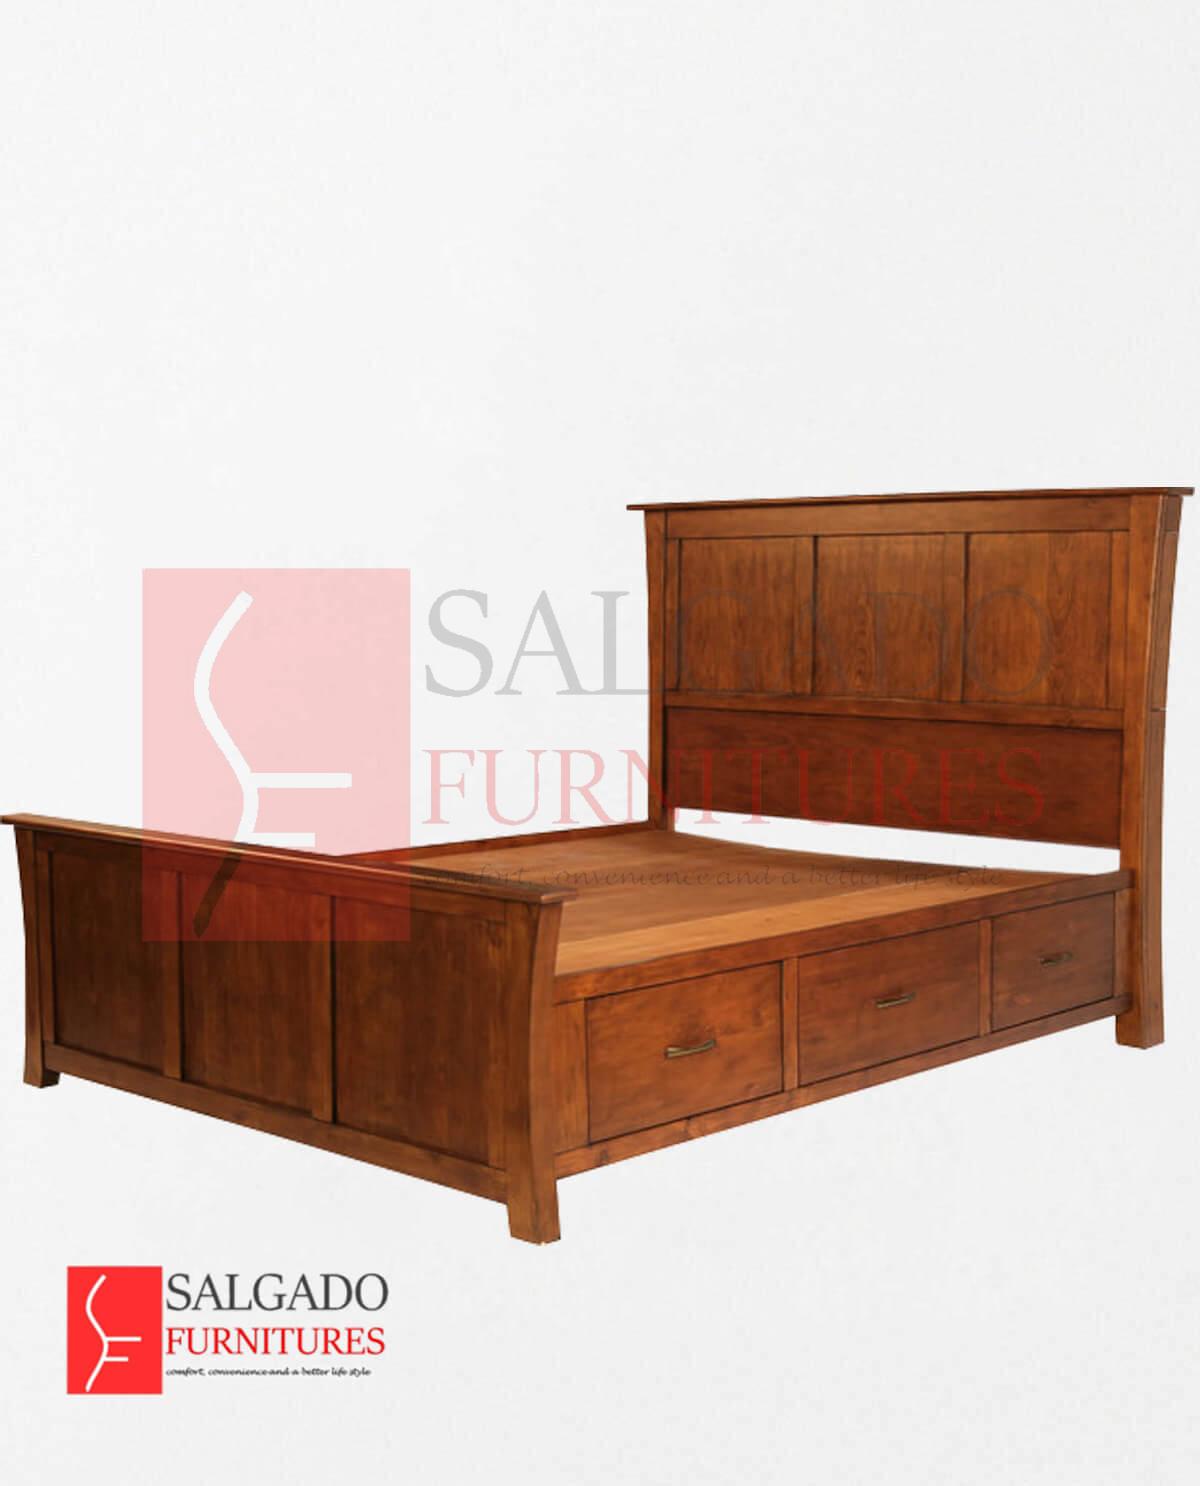 Beds Salgado Furnitures Online